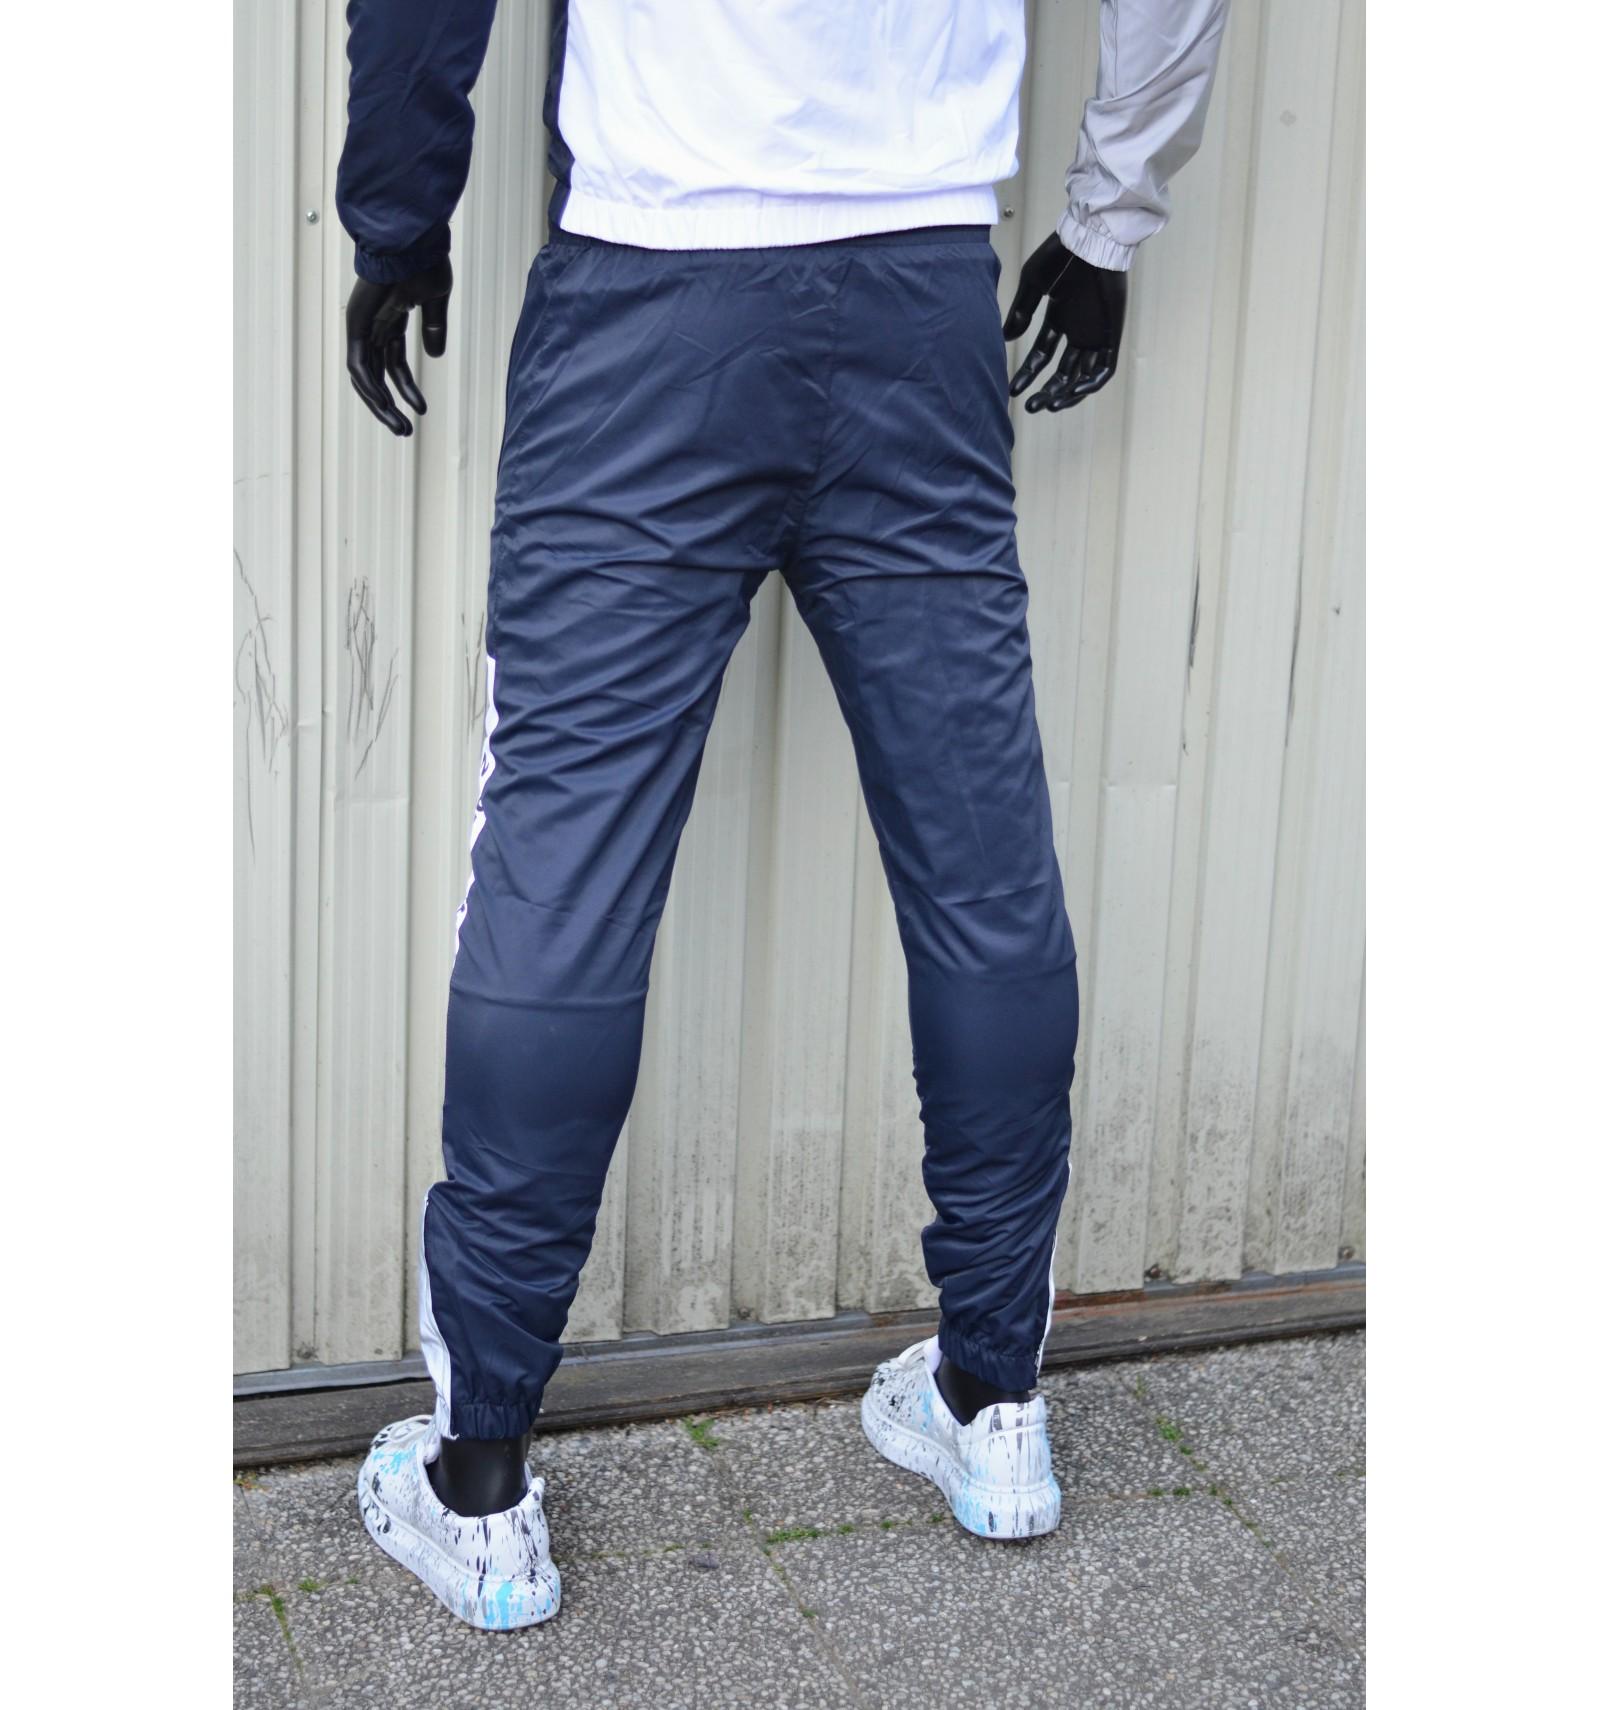 nike air max chaussures de basket quart des hommes - Basket Adidas LA Trainer Navy/White